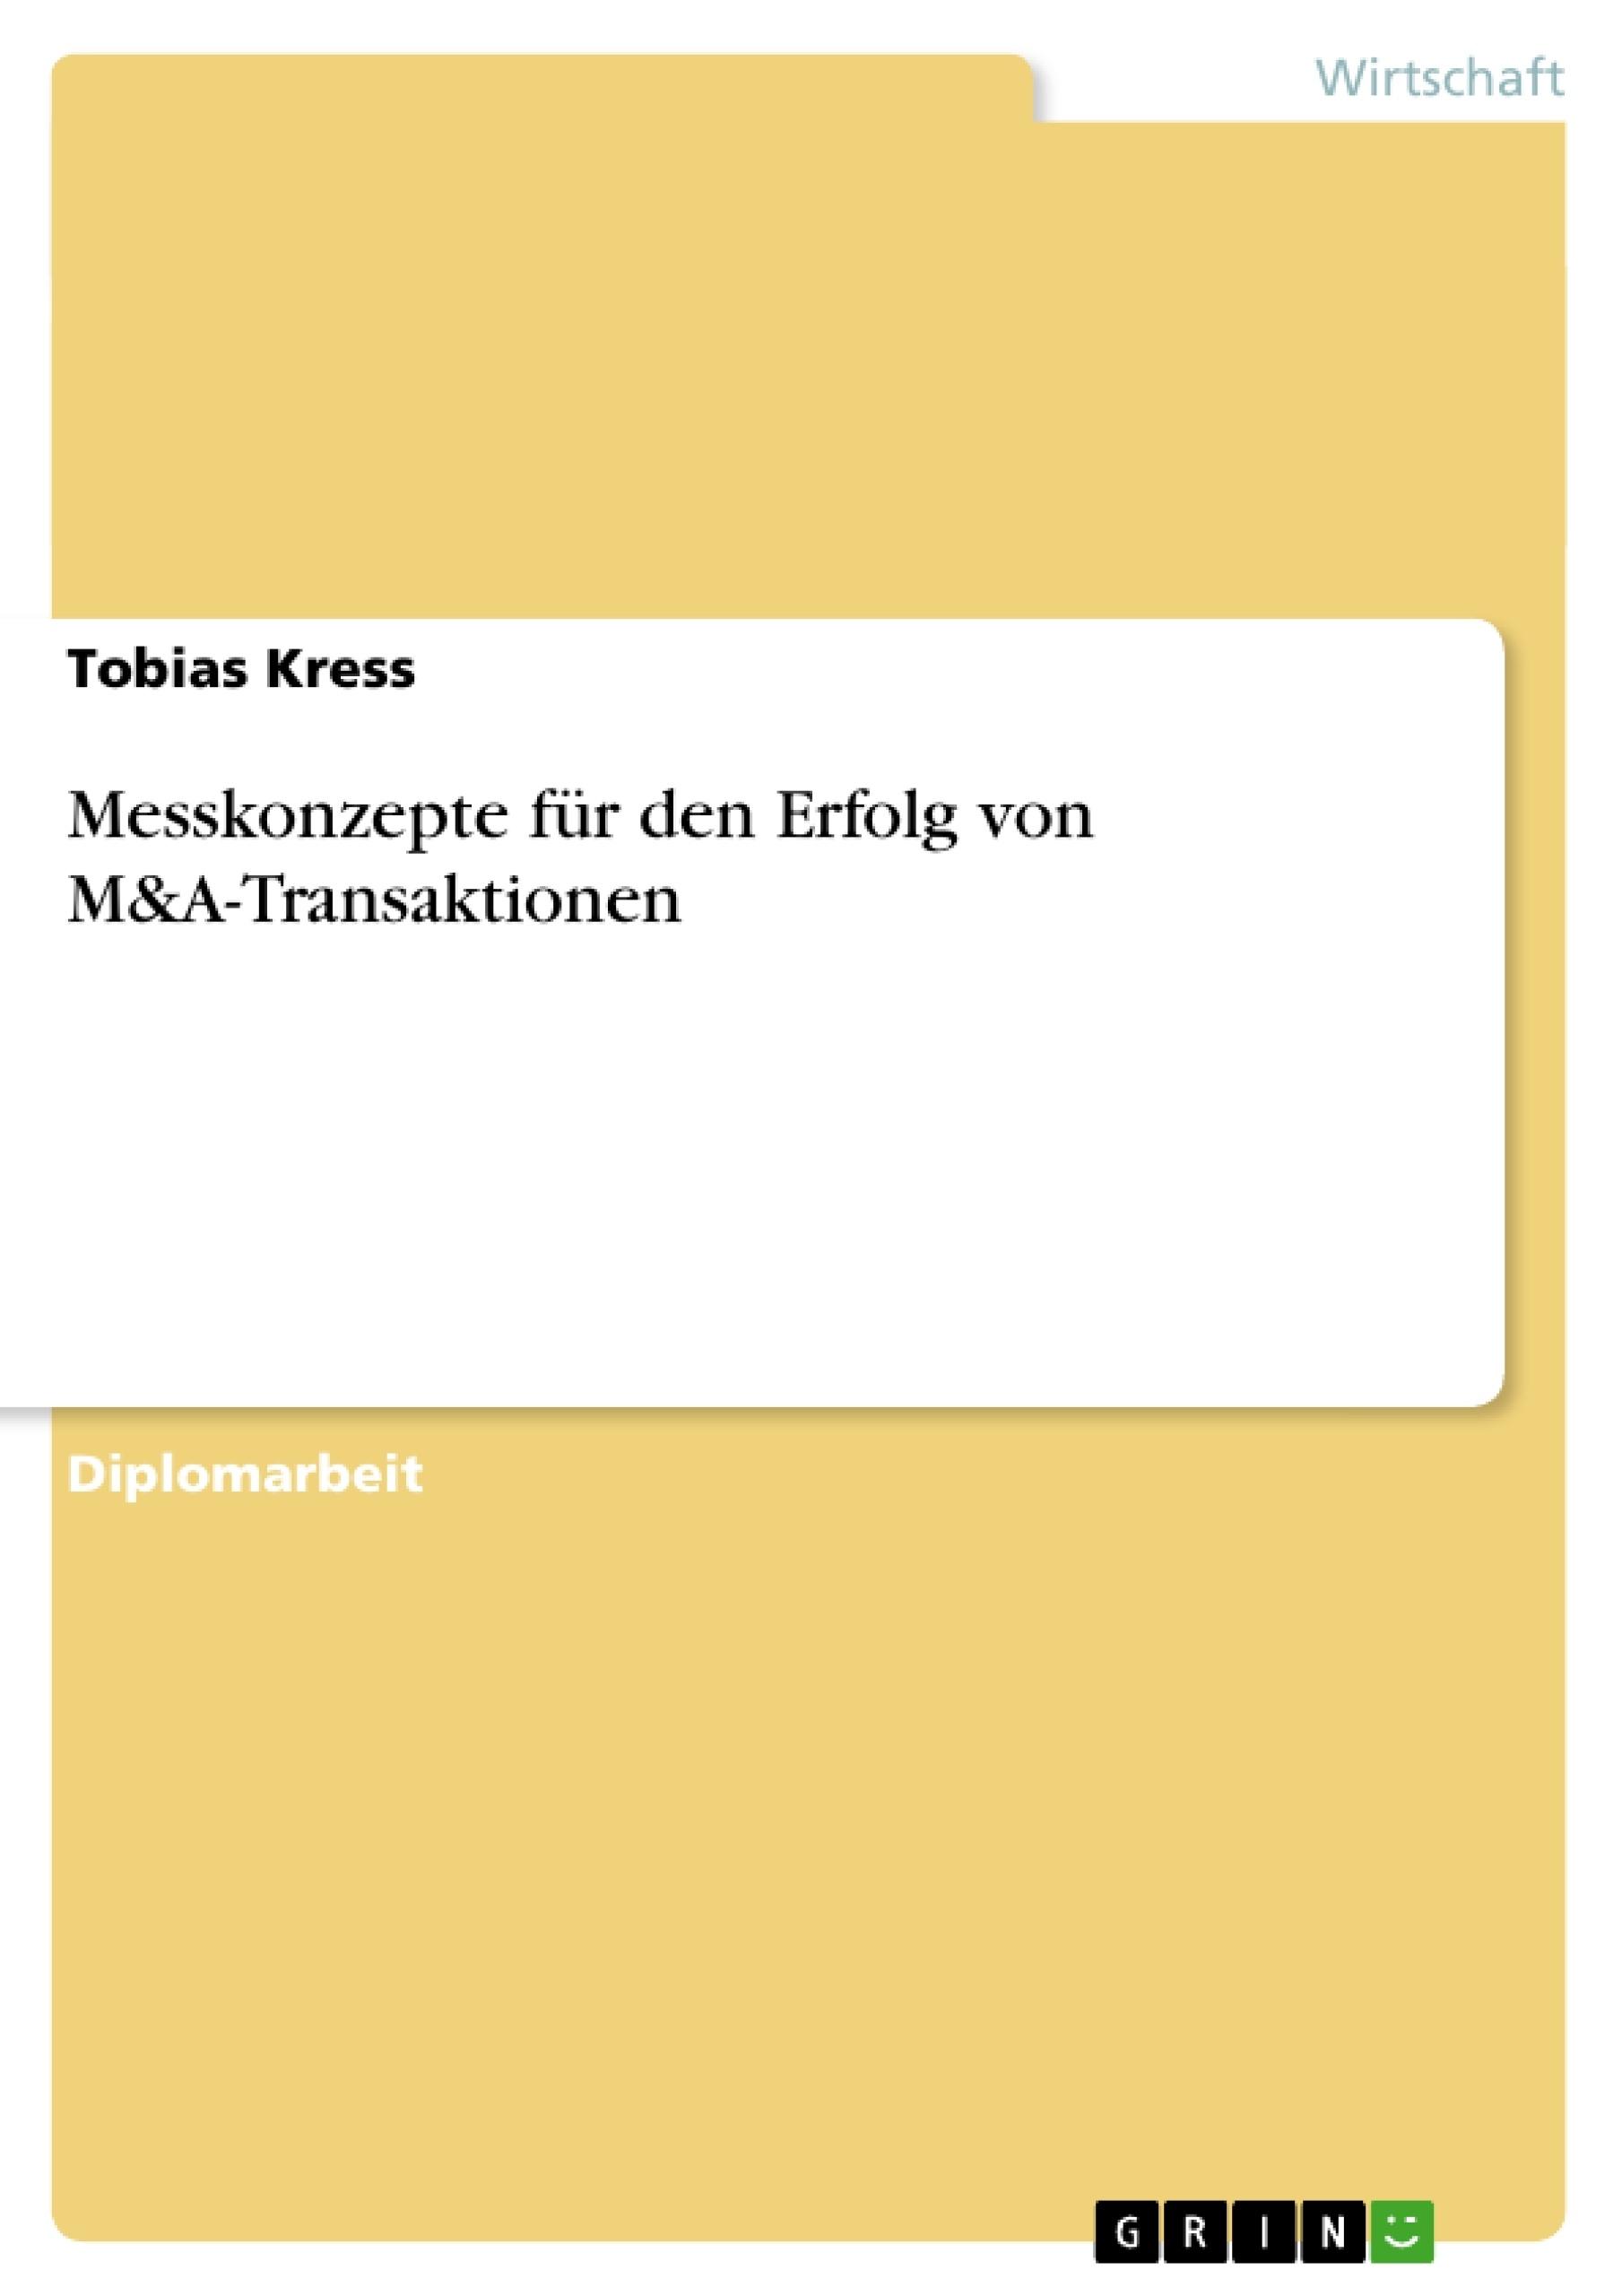 Titel: Messkonzepte für den Erfolg von M&A-Transaktionen